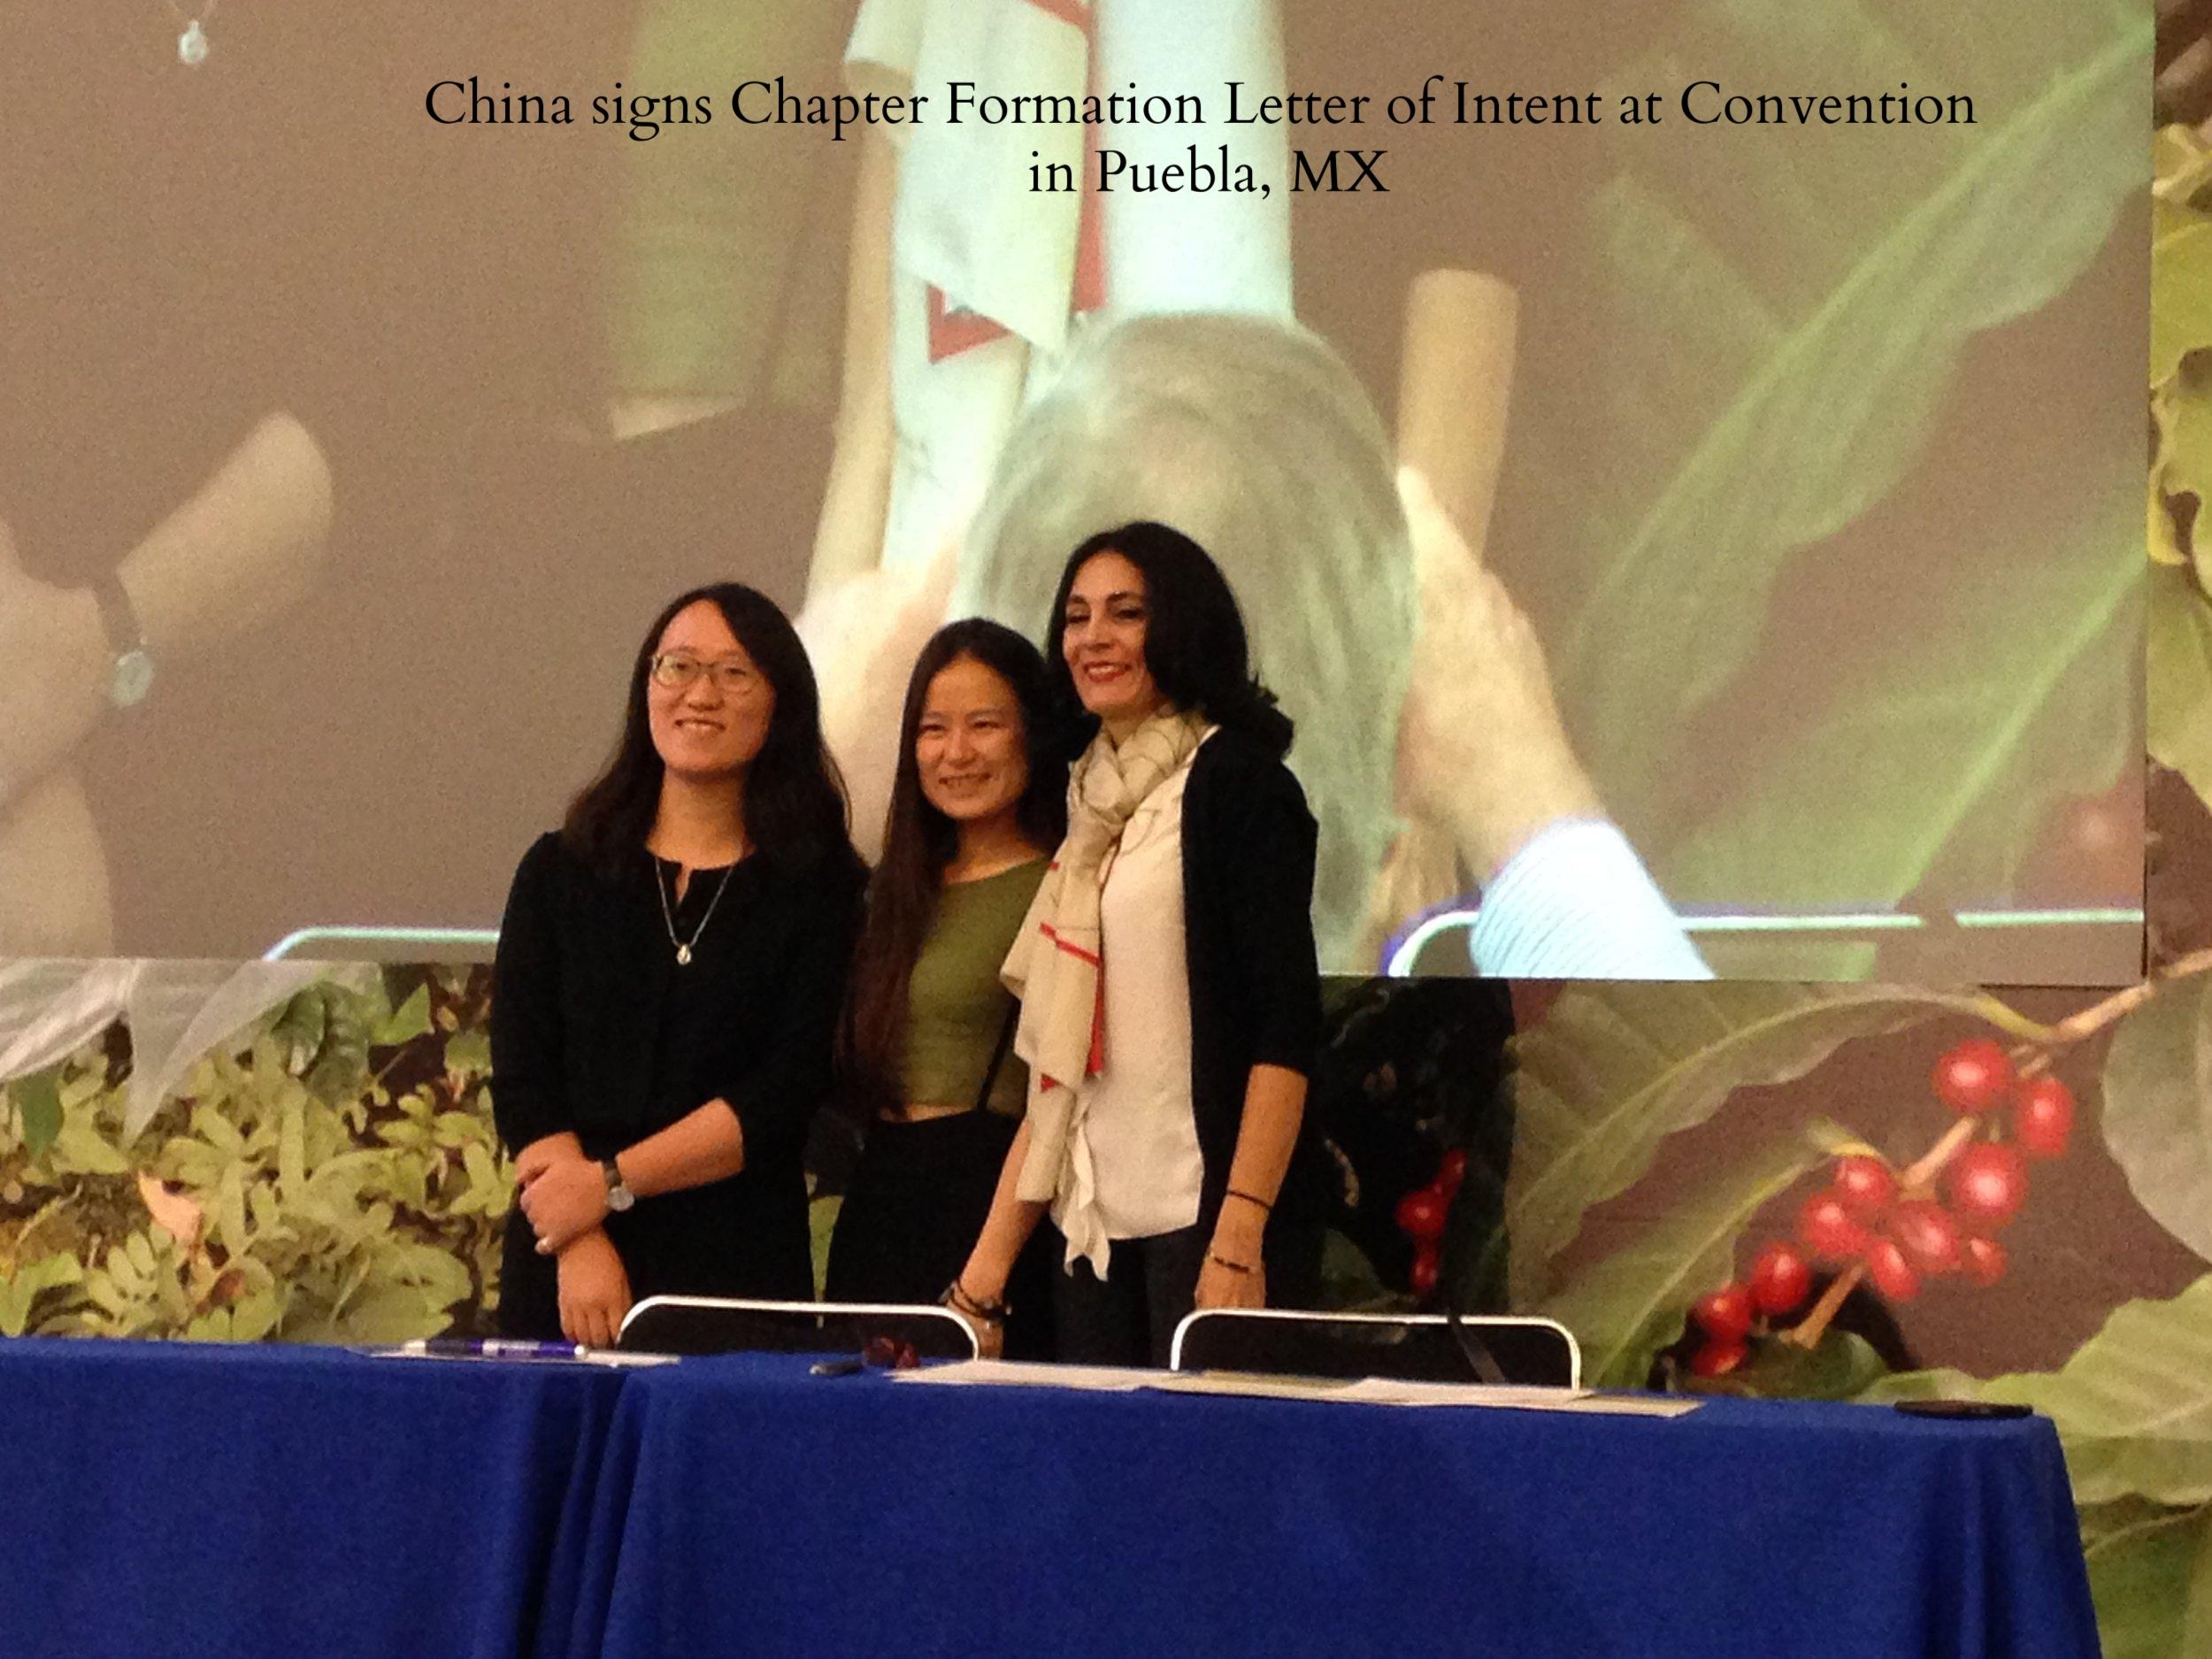 China LOI signing.JPG